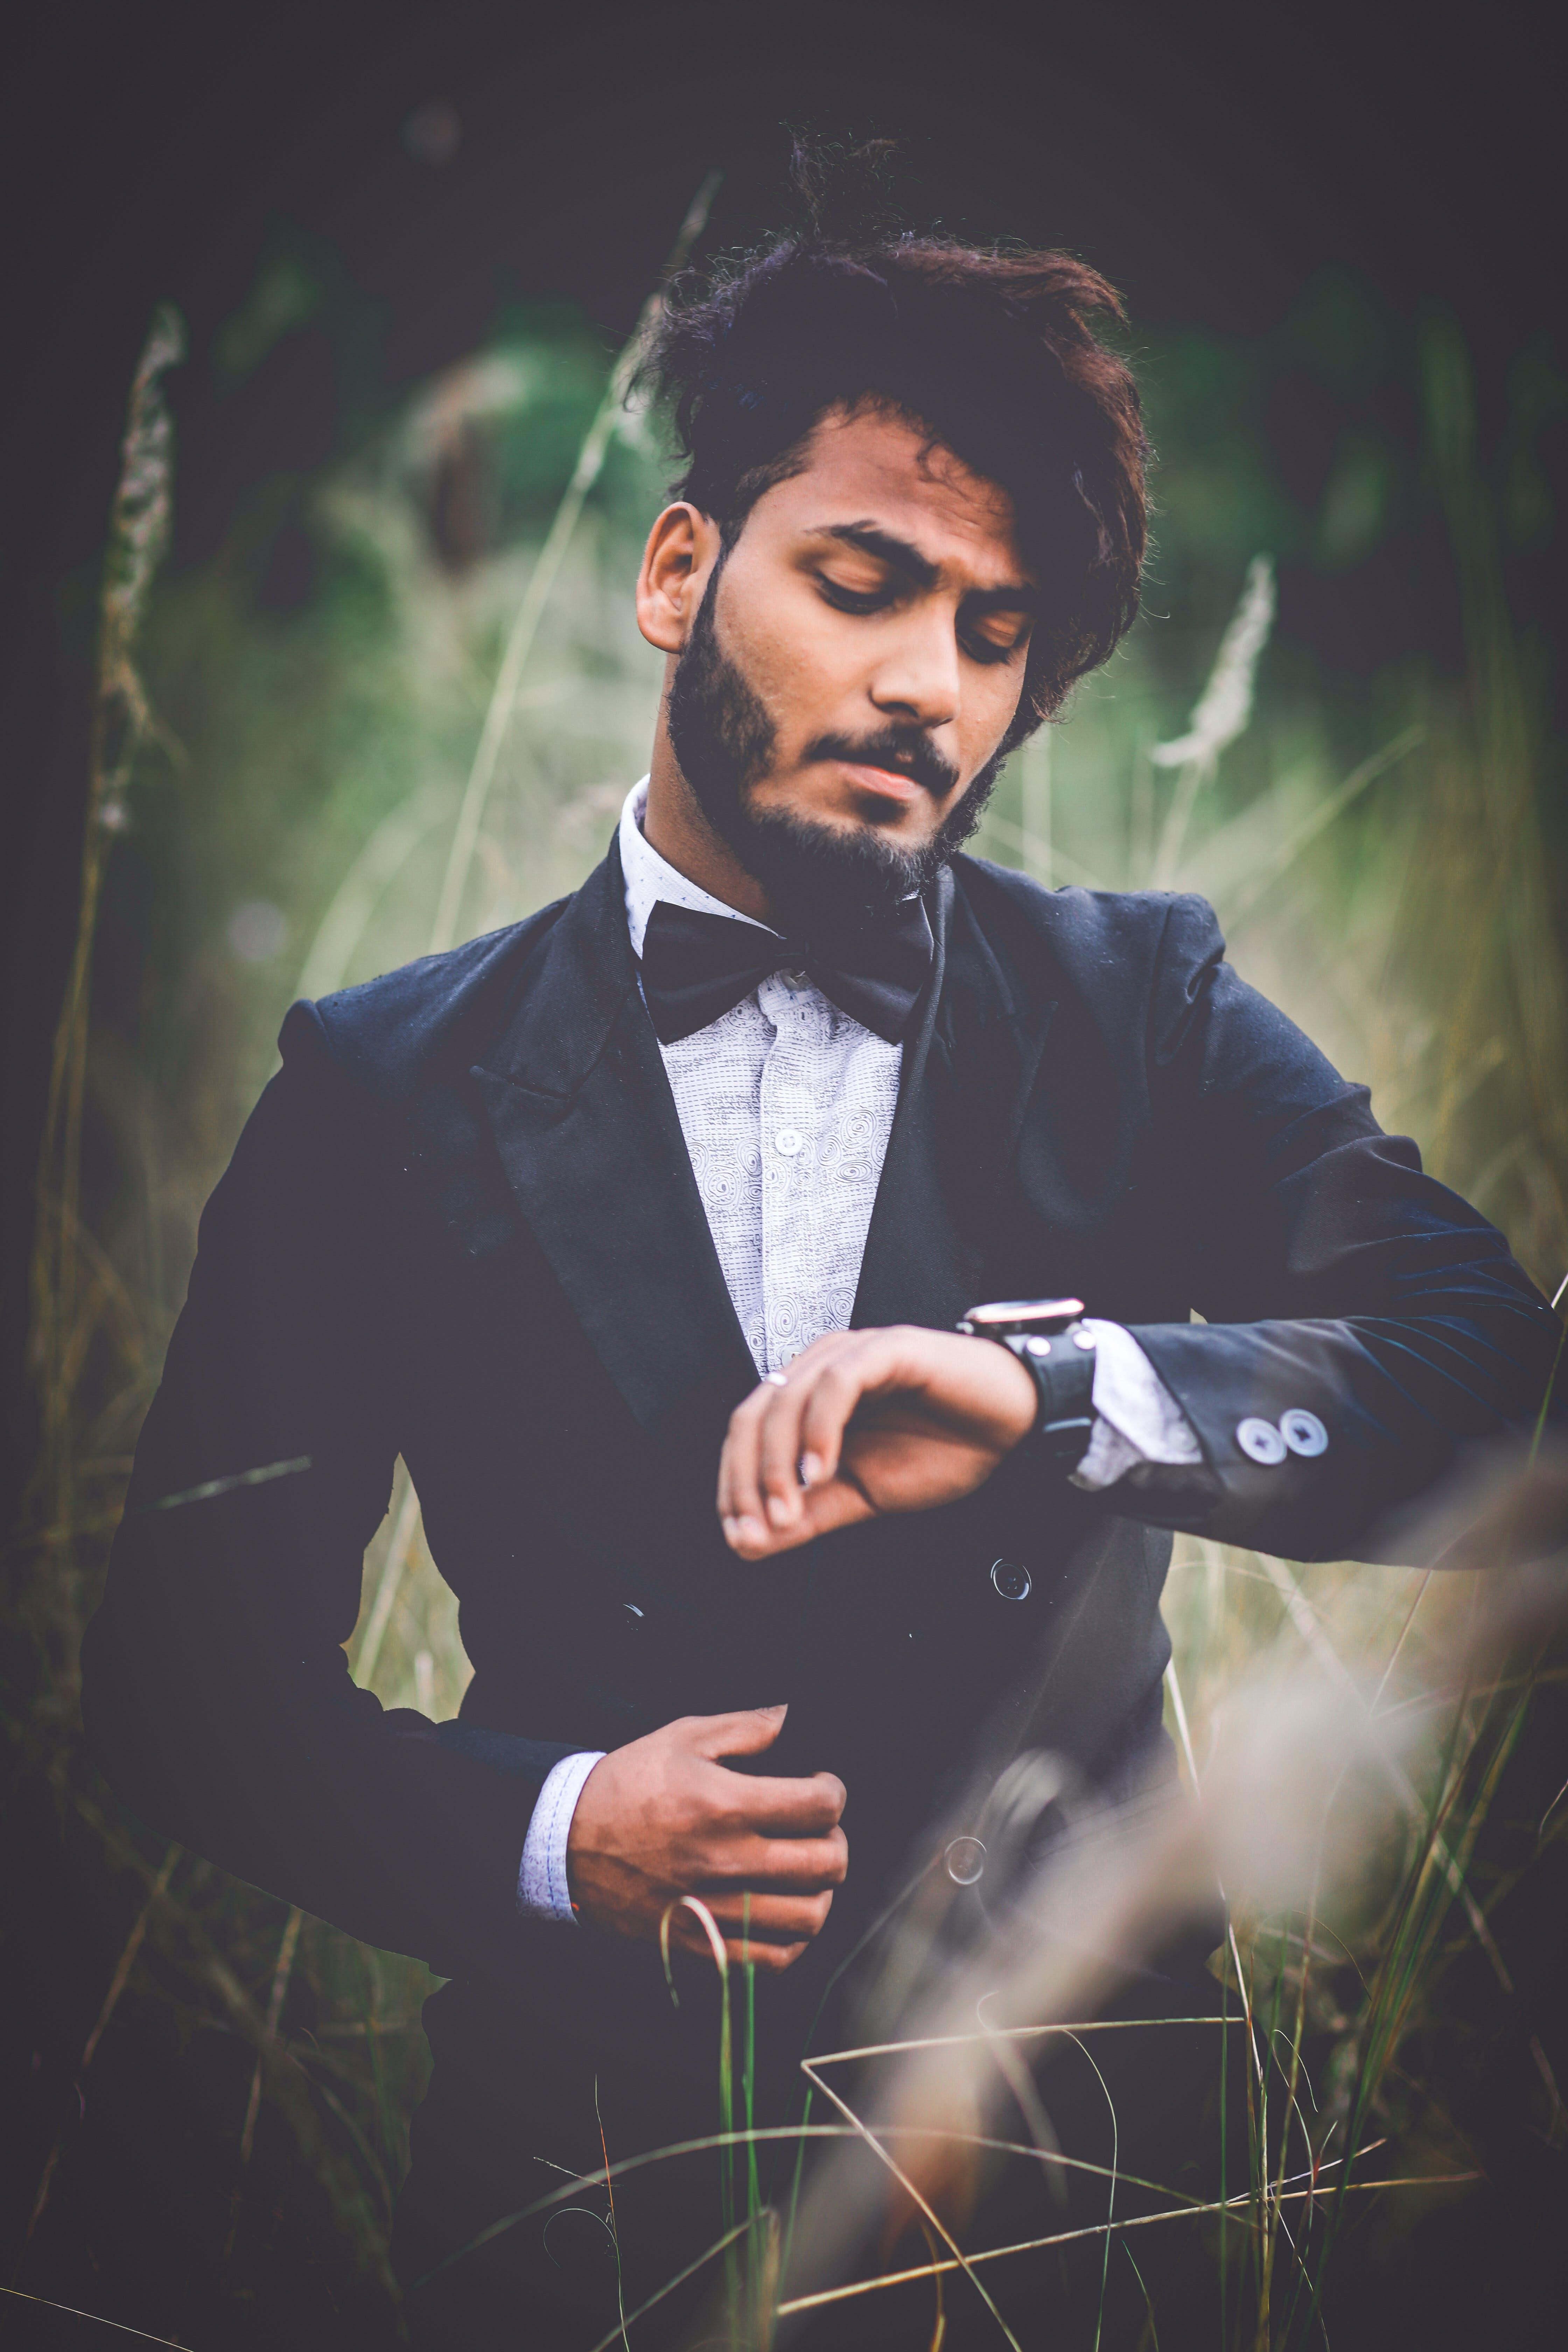 가벼운, 나비 넥타이, 남자, 레크리에이션의 무료 스톡 사진